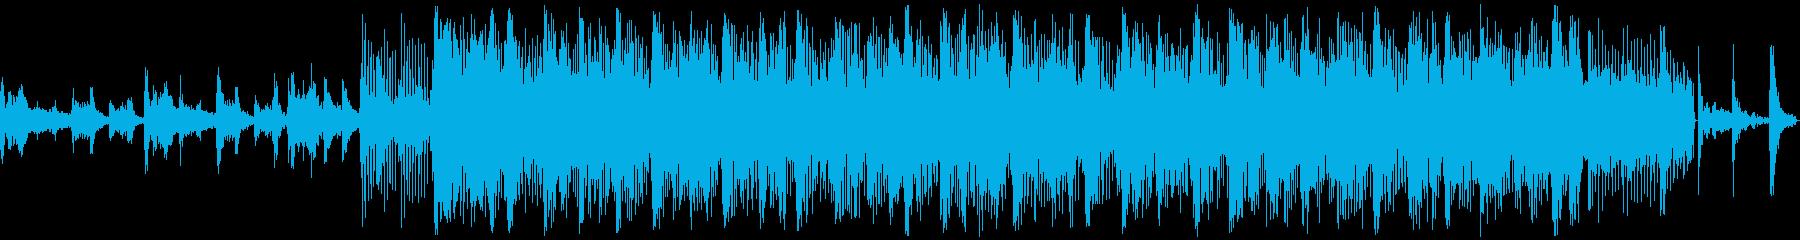 ヘビーオルタナティブロックテーマの再生済みの波形